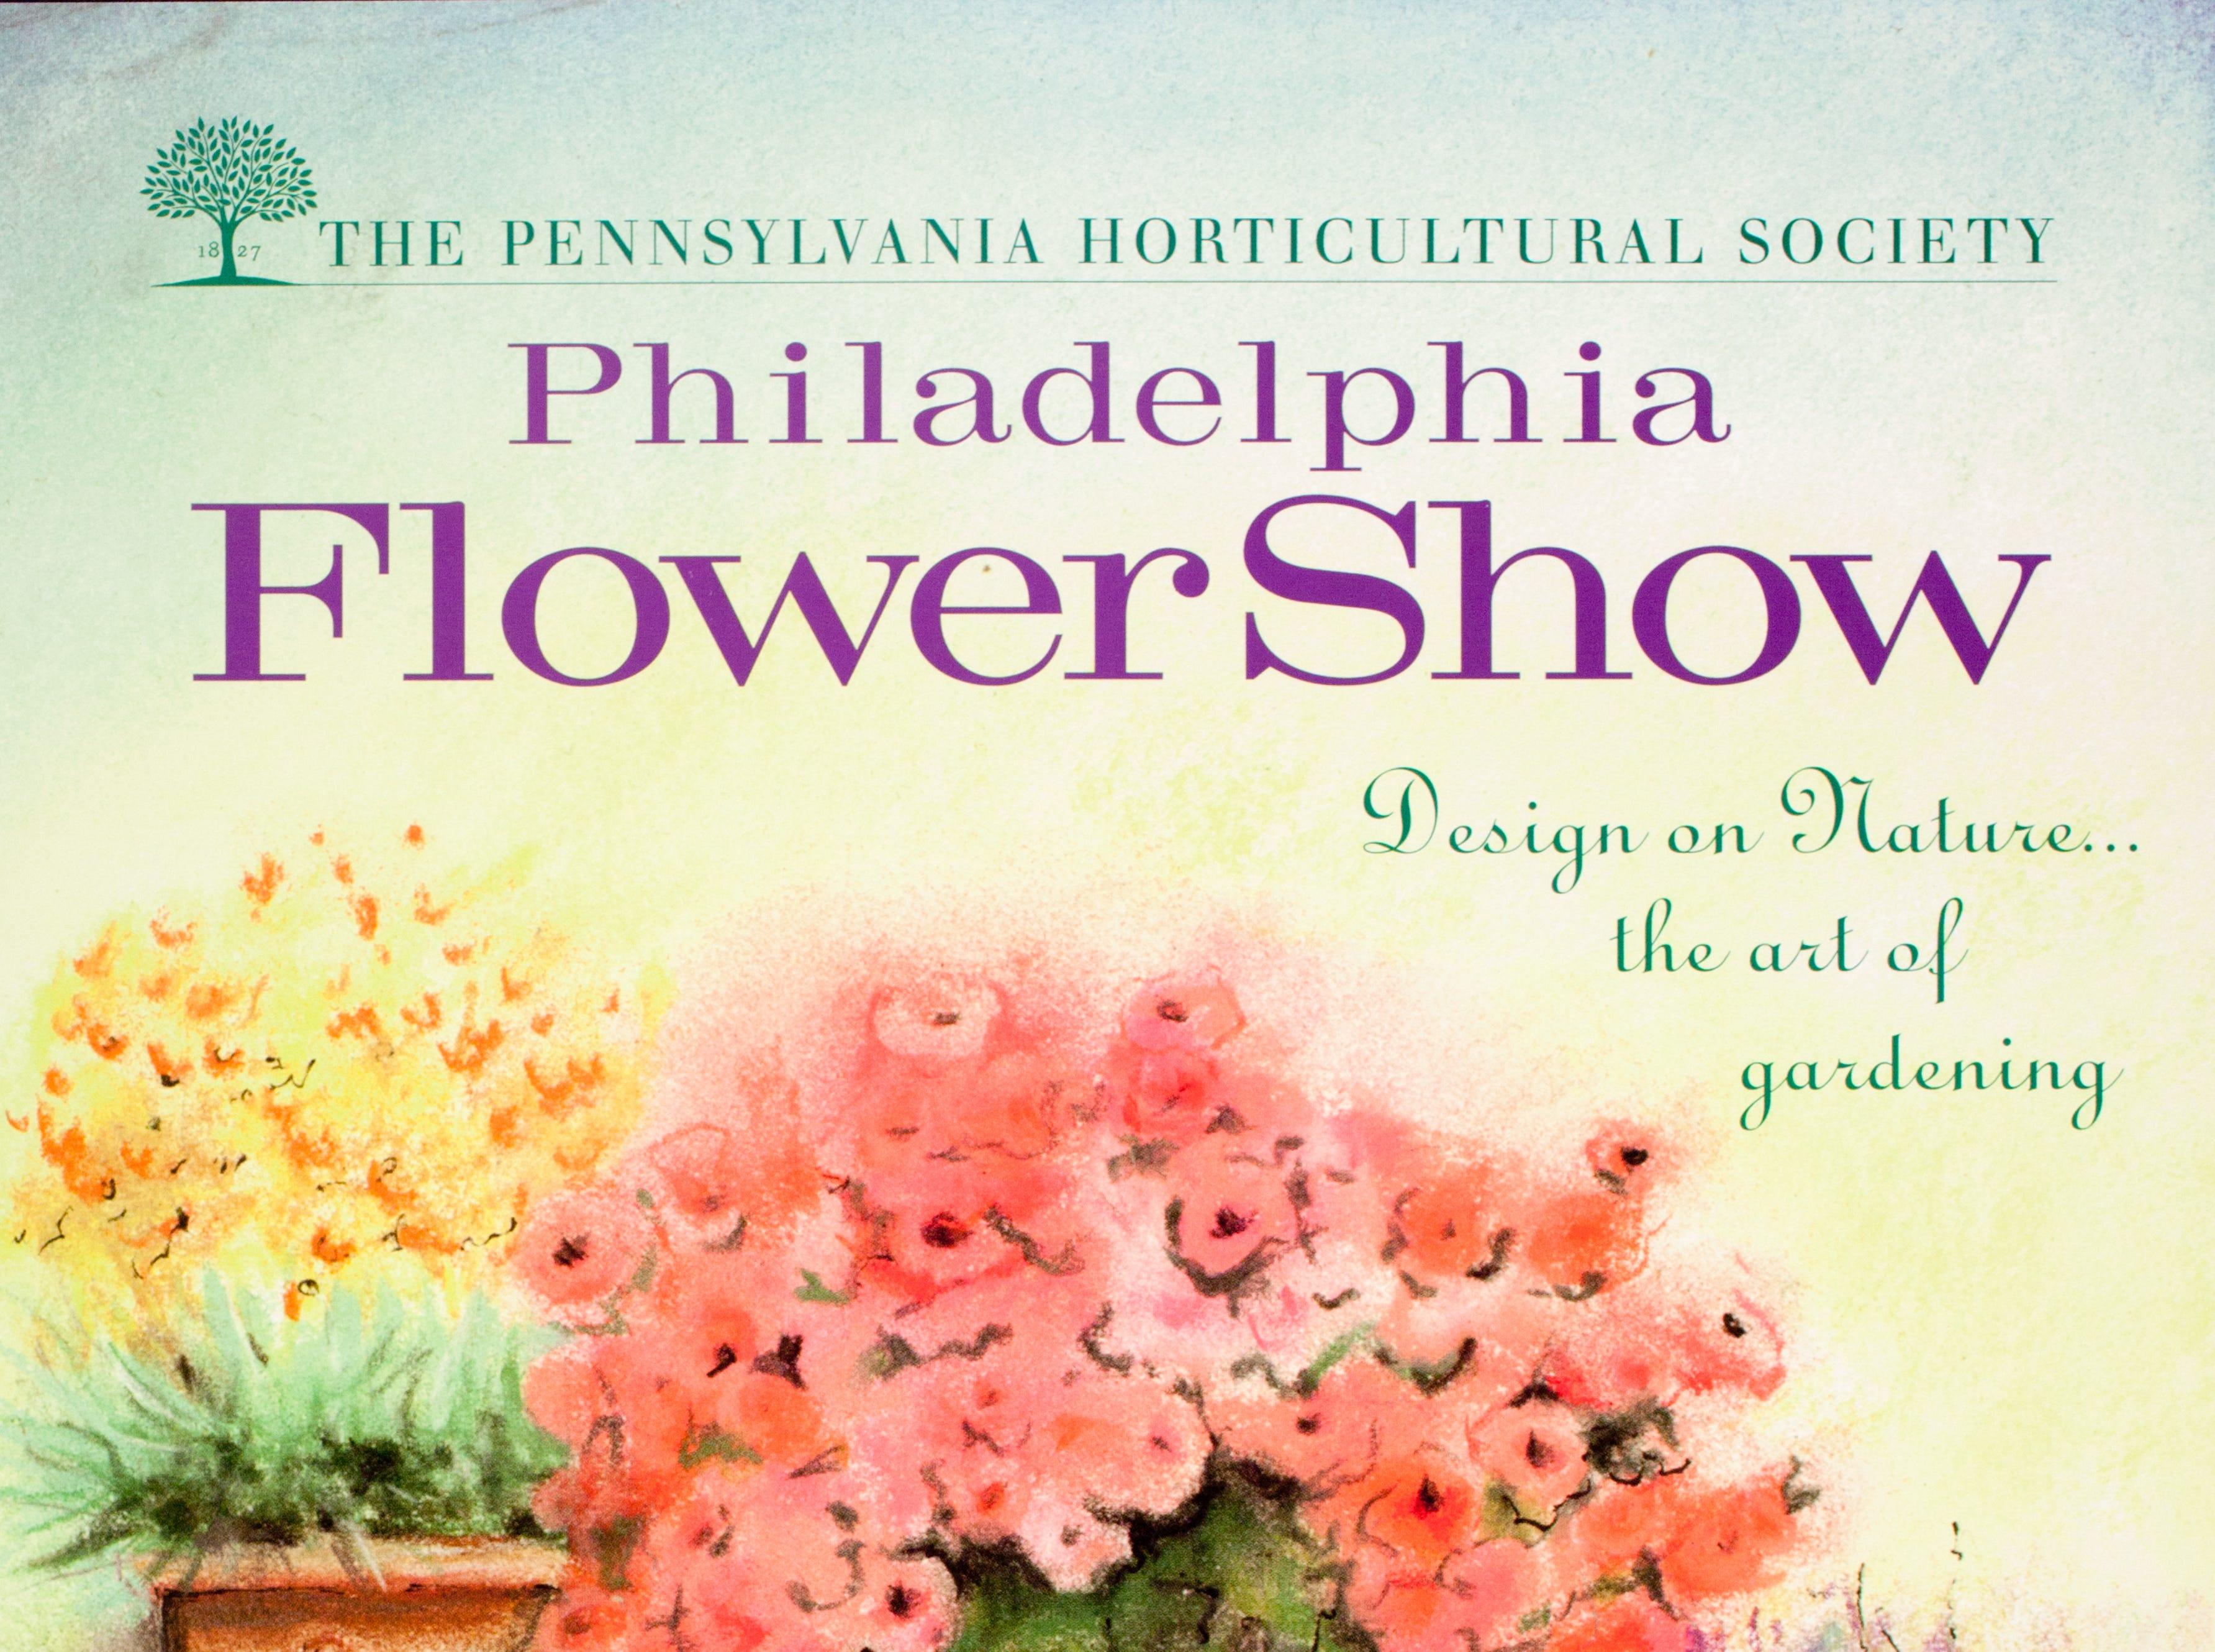 The poster for the 1999 Philadelphia Flower Show.